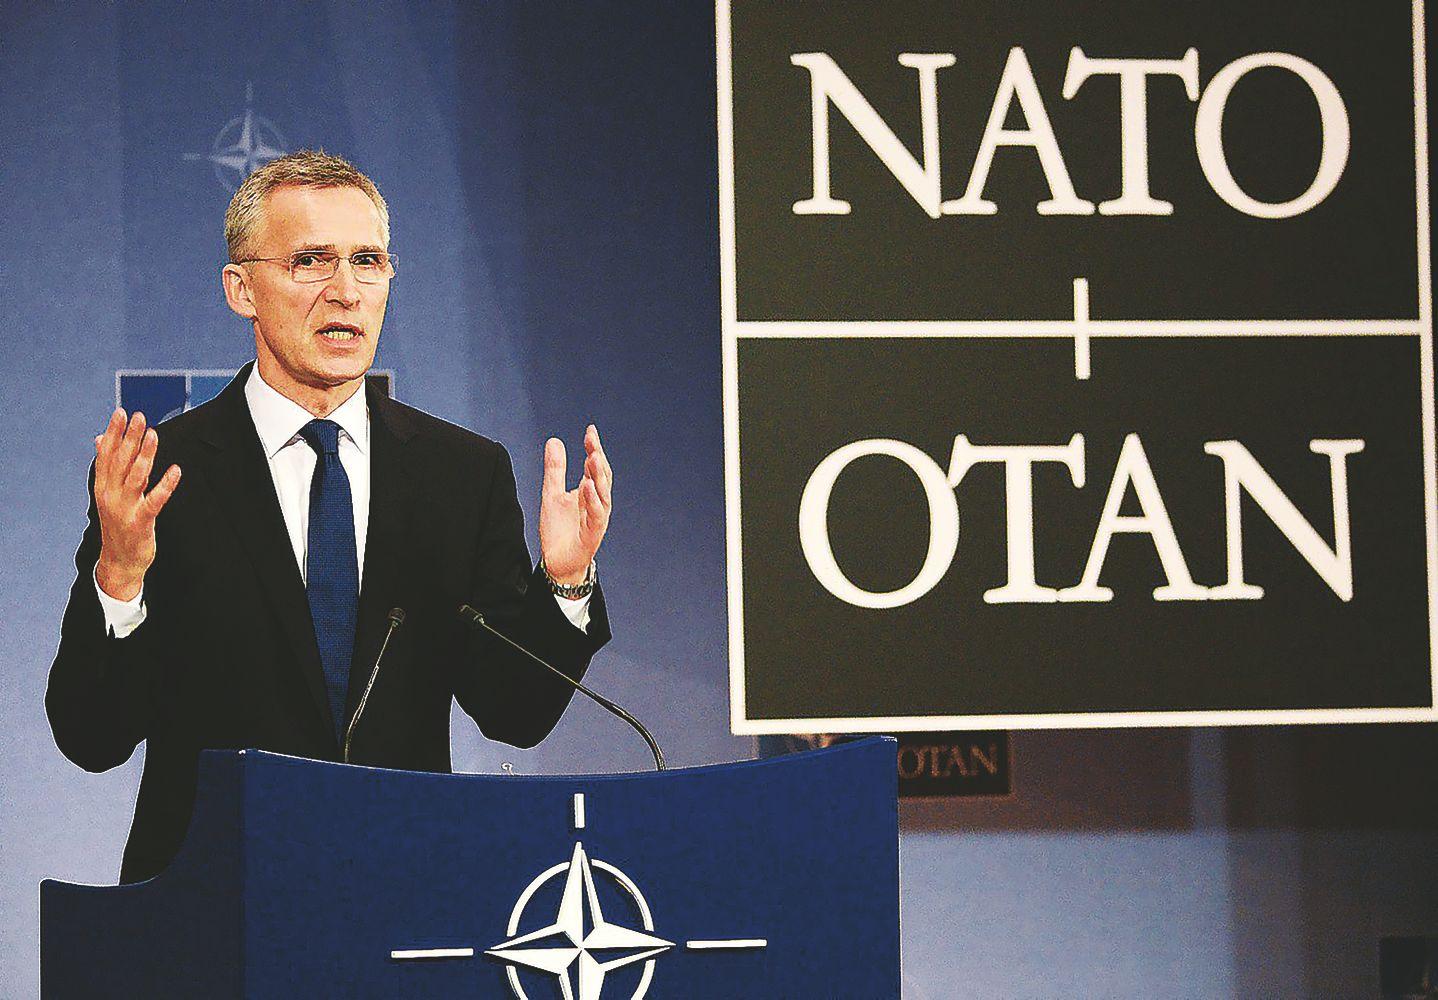 NATO viršūnės mėgins įrodyti Trumpui aljanso vertę